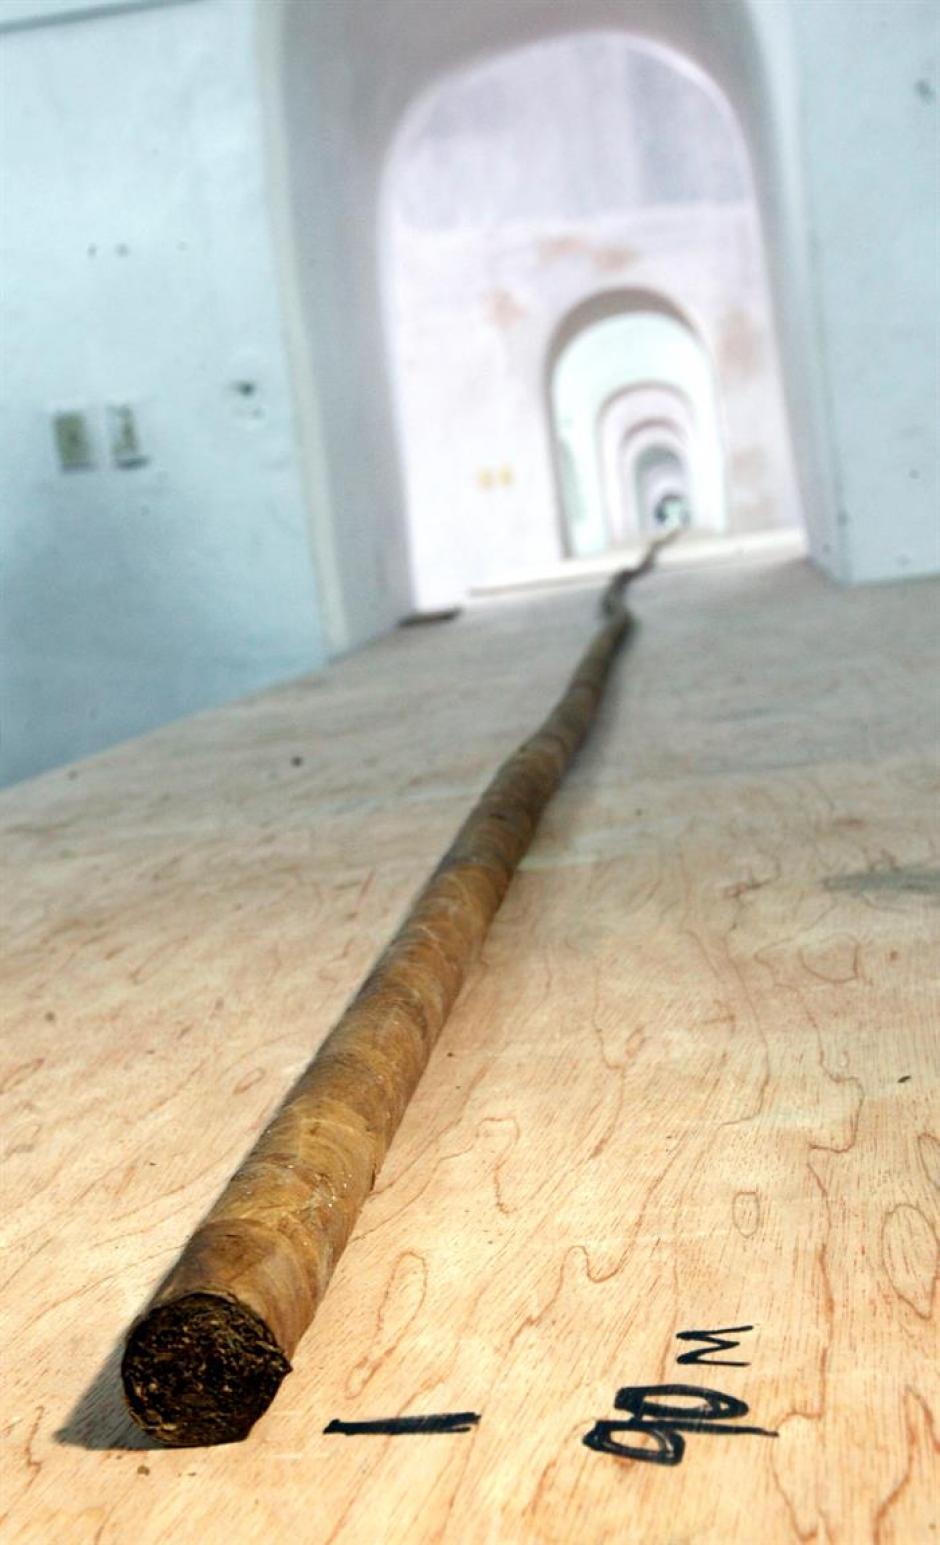 El puro mide un total de 90 metros de largo, el mismo número de la edad a la que llega el líder de la Revolución cubana. (Foto: EFE)